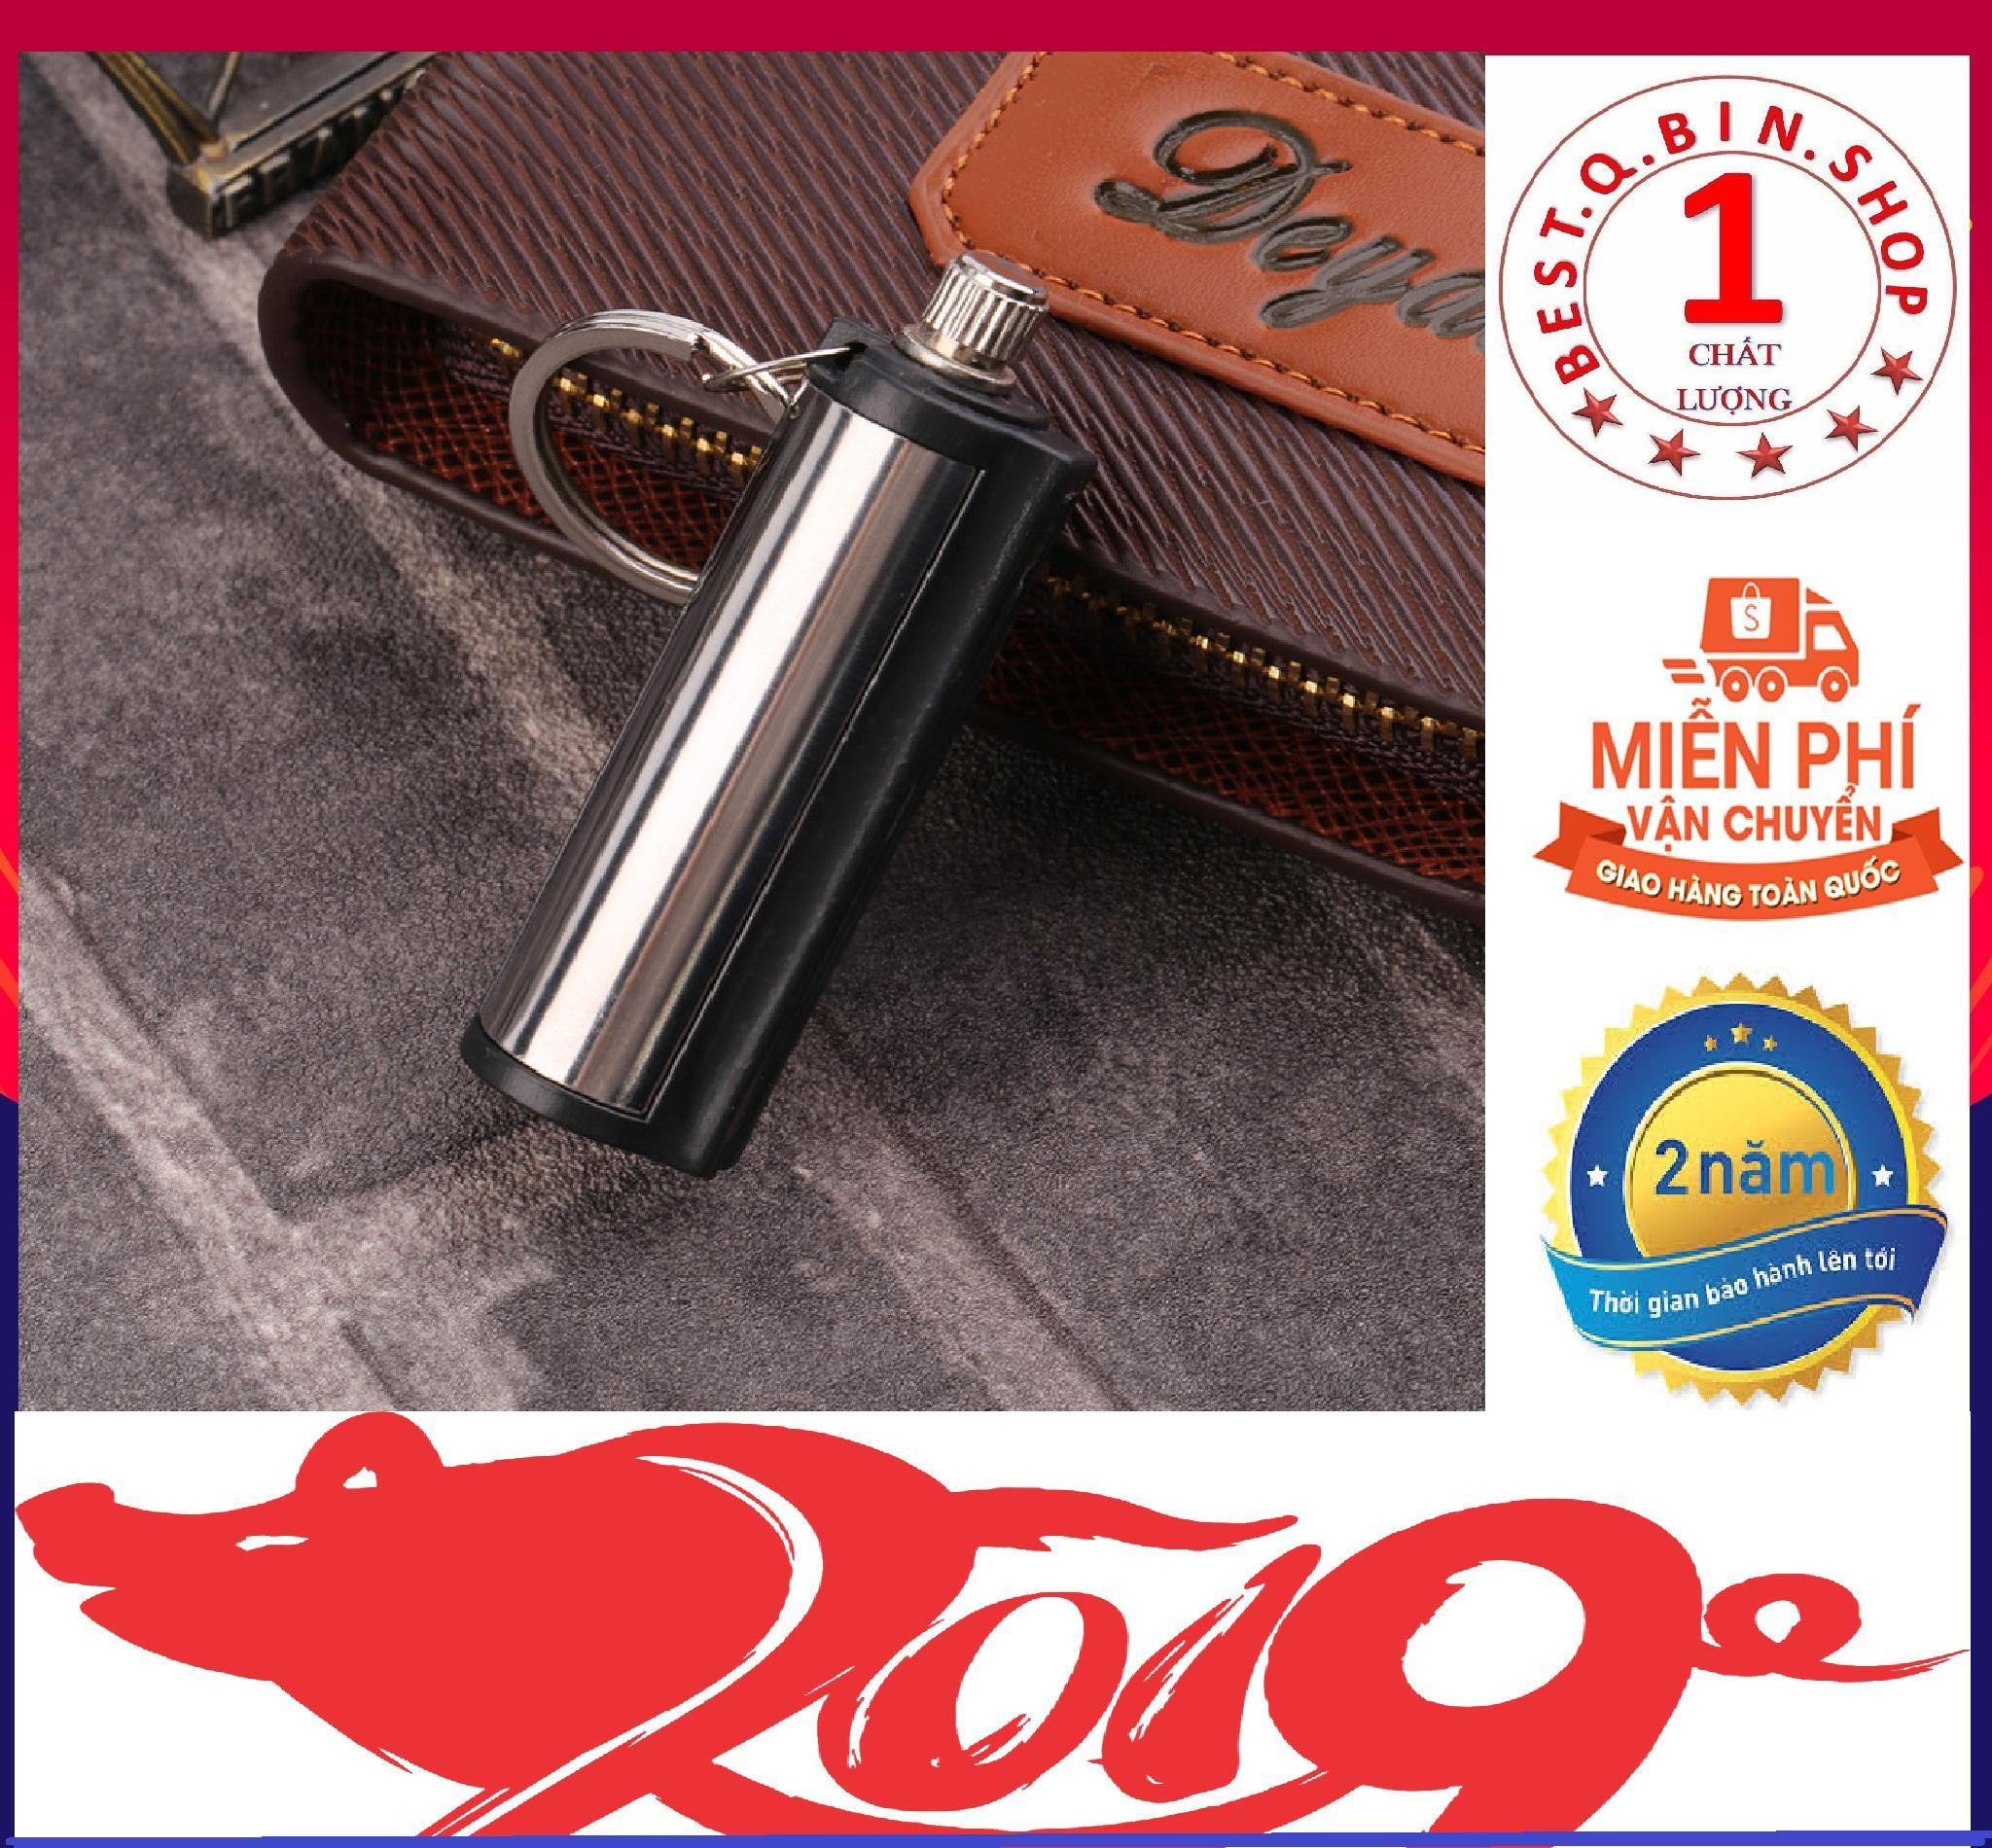 [ HÀNG ĐỘC ] Diêm Vĩnh Cửu - Que Diêm Vĩnh Cửu - Diêm xăng - Móc Treo chìa khóa -Bật lửa diêm xăng - Bật Lửa - Bật lửa xăng - Hộp quẹt siêu bền - Diêm vĩnh cửu kèm móc treo chìa khóa - Qbin Shop - Maitoshi - LAXDA